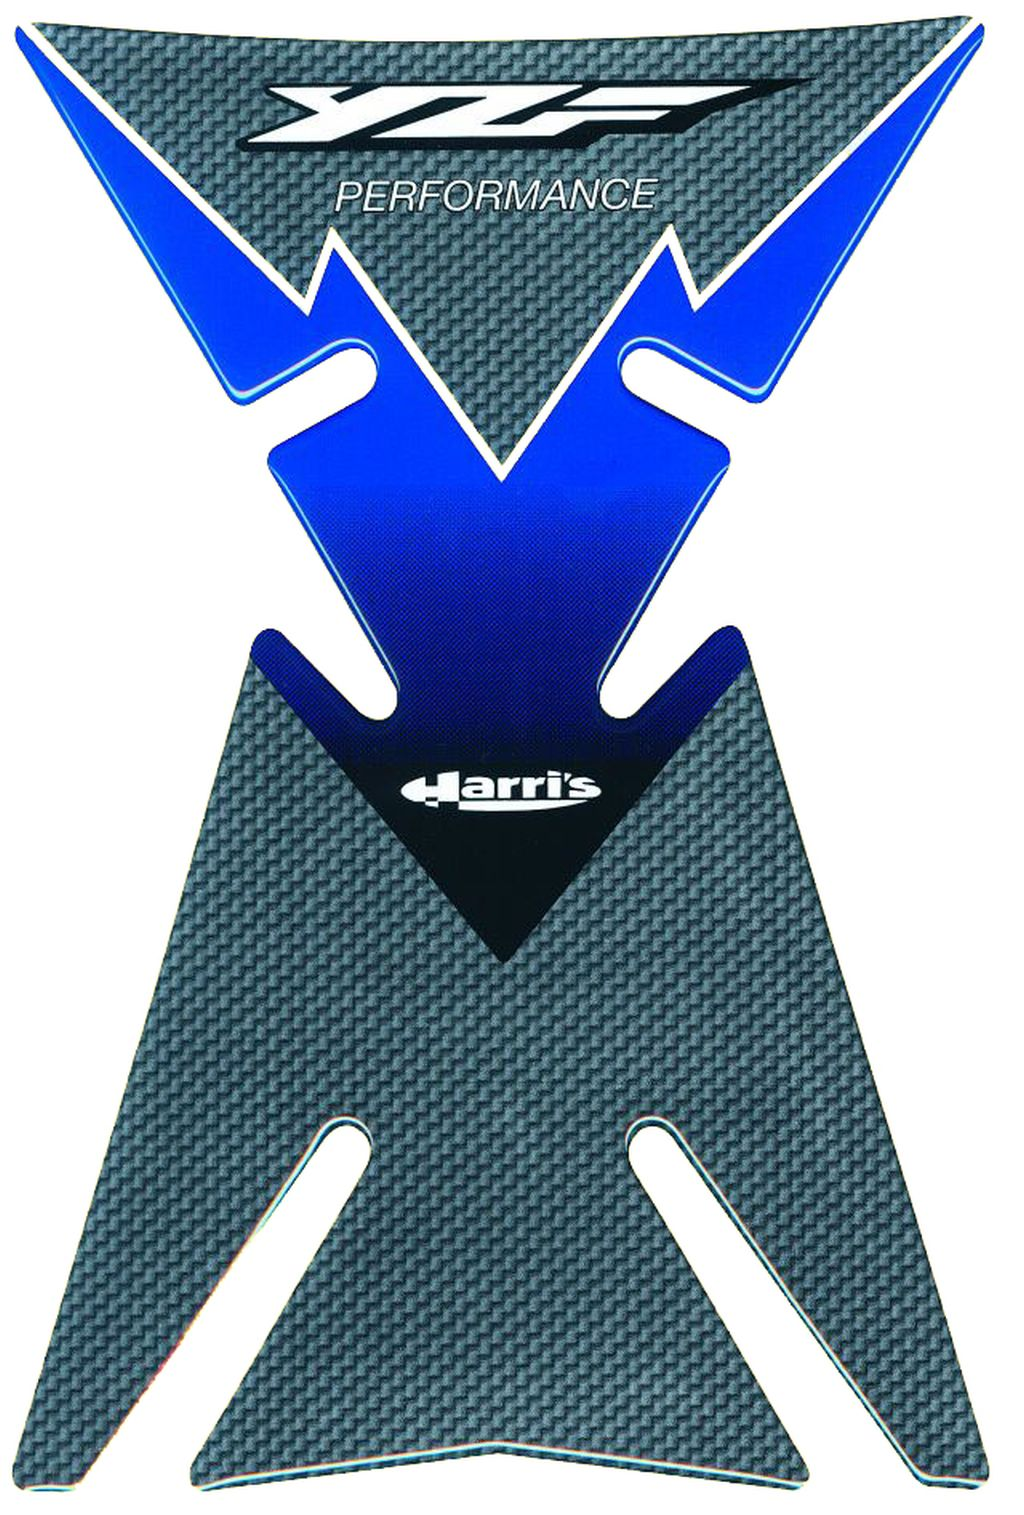 Motorrad Tankpad für Yamaha YZF R 6 750 Blau Grau Carbonlook